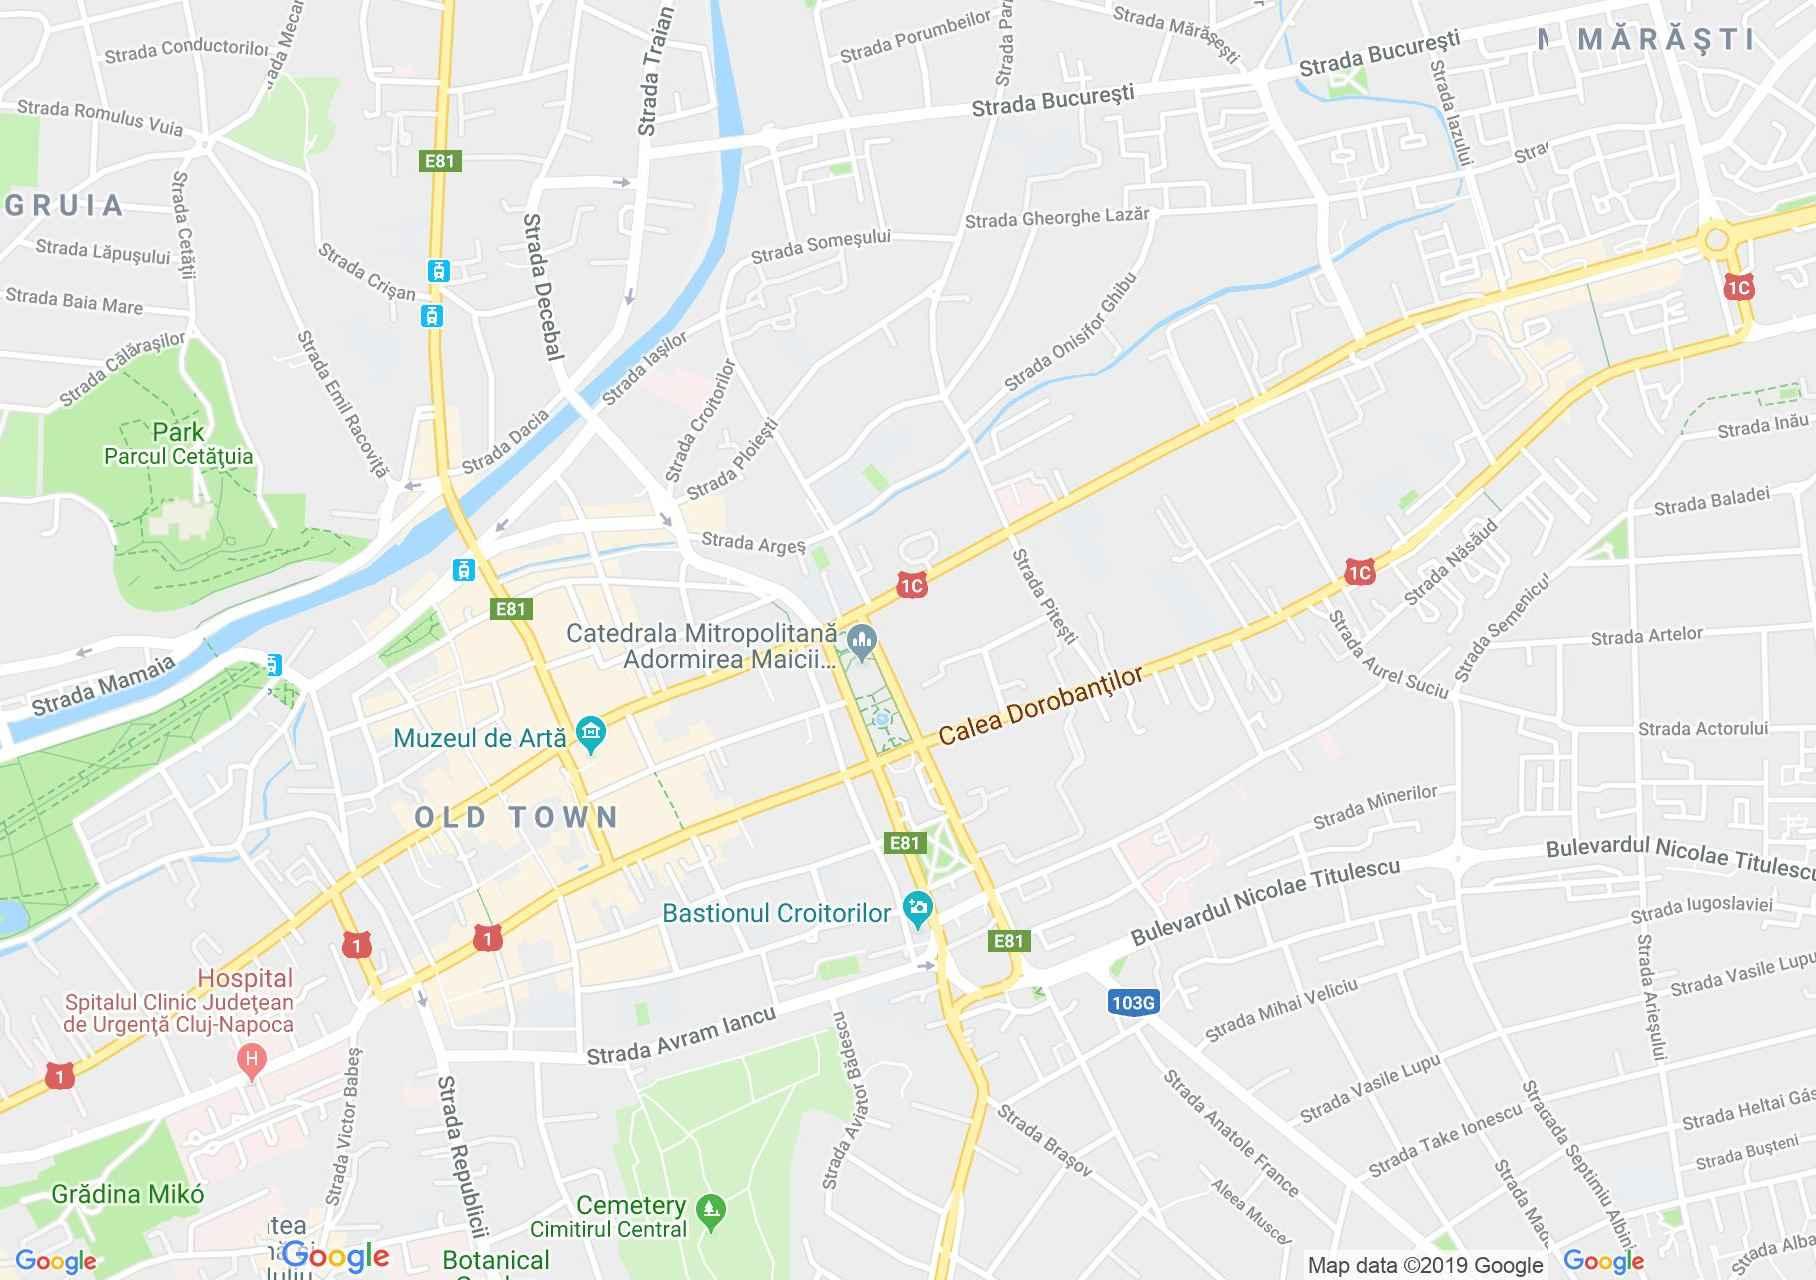 Hartă Cluj-Napoca: Bastionul (turnul) Croitorilor